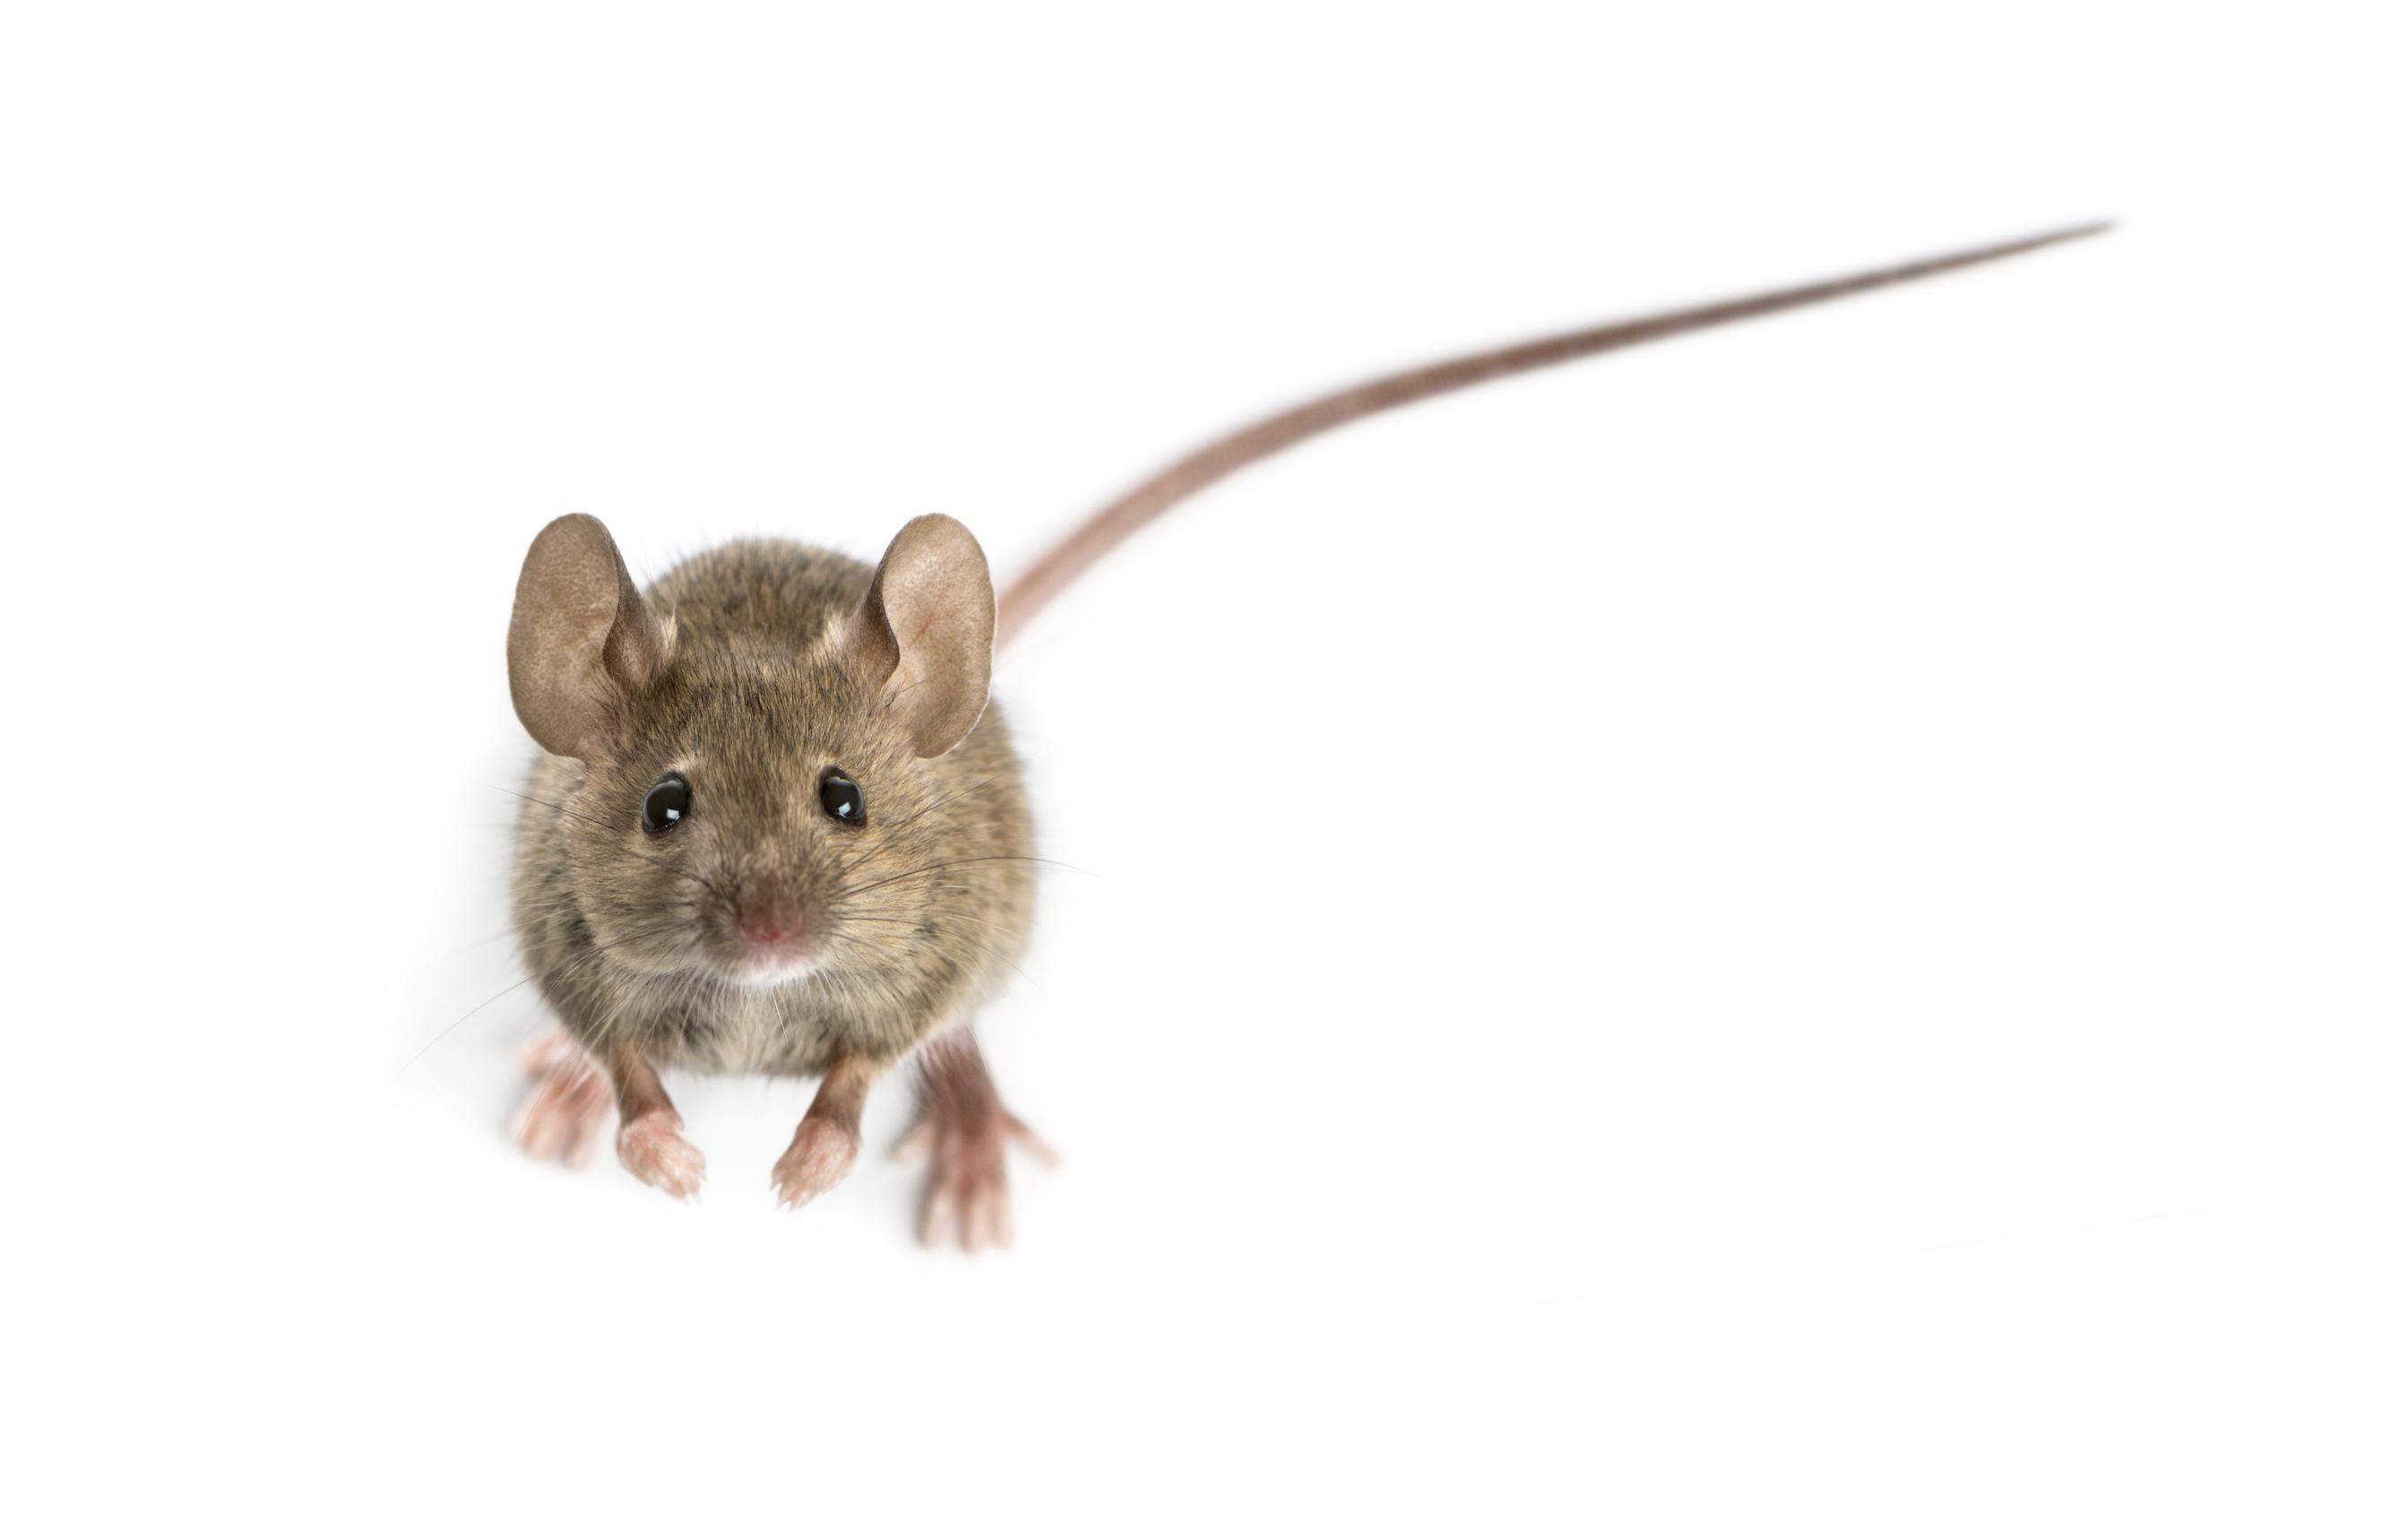 Comment savoir si des souris sont dans la maison?